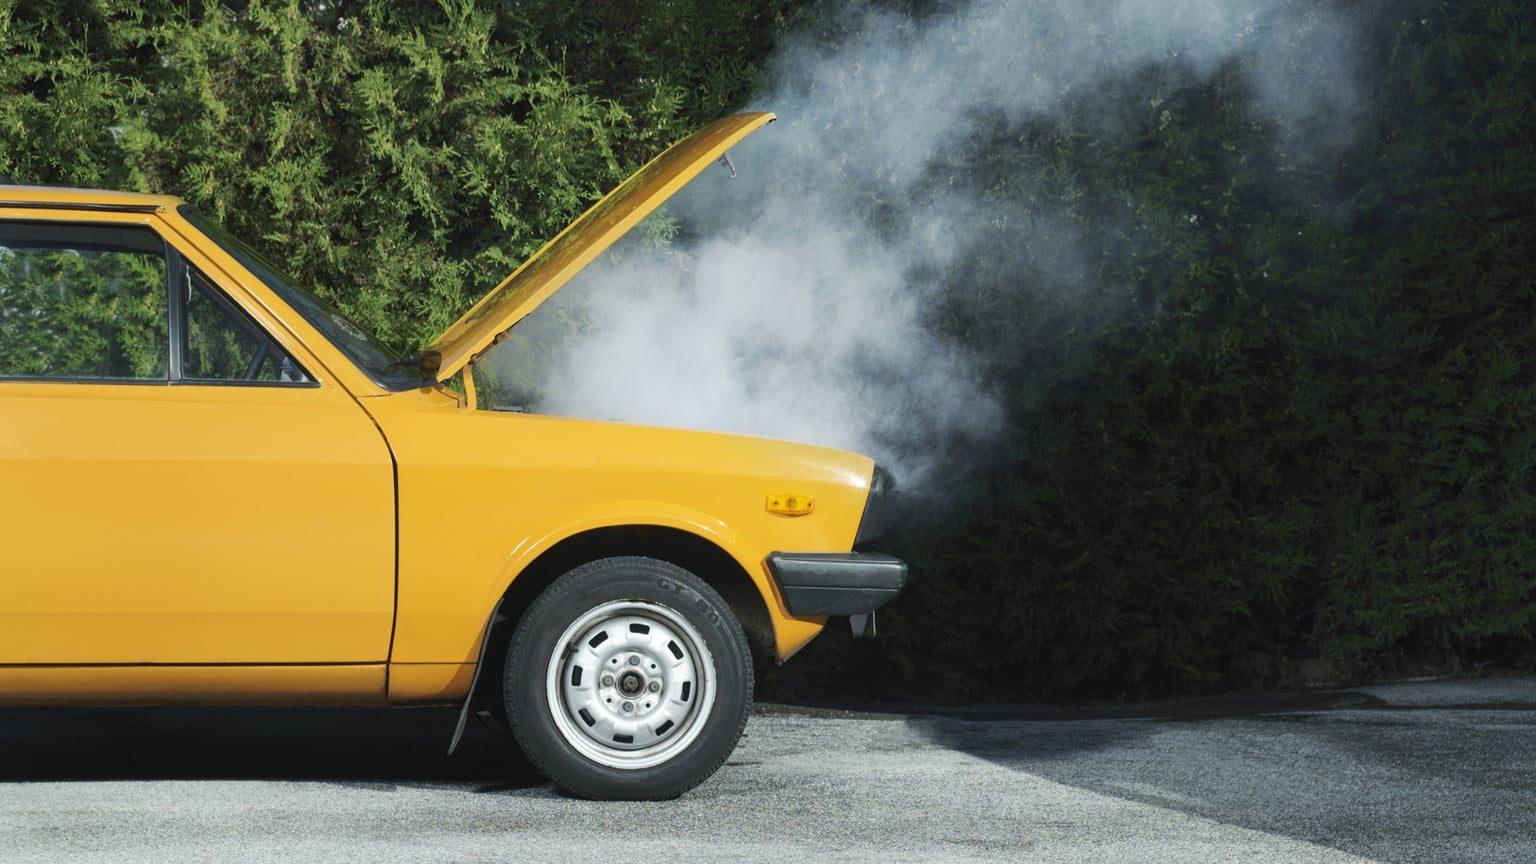 Broken Down Yellow Car On Roadside